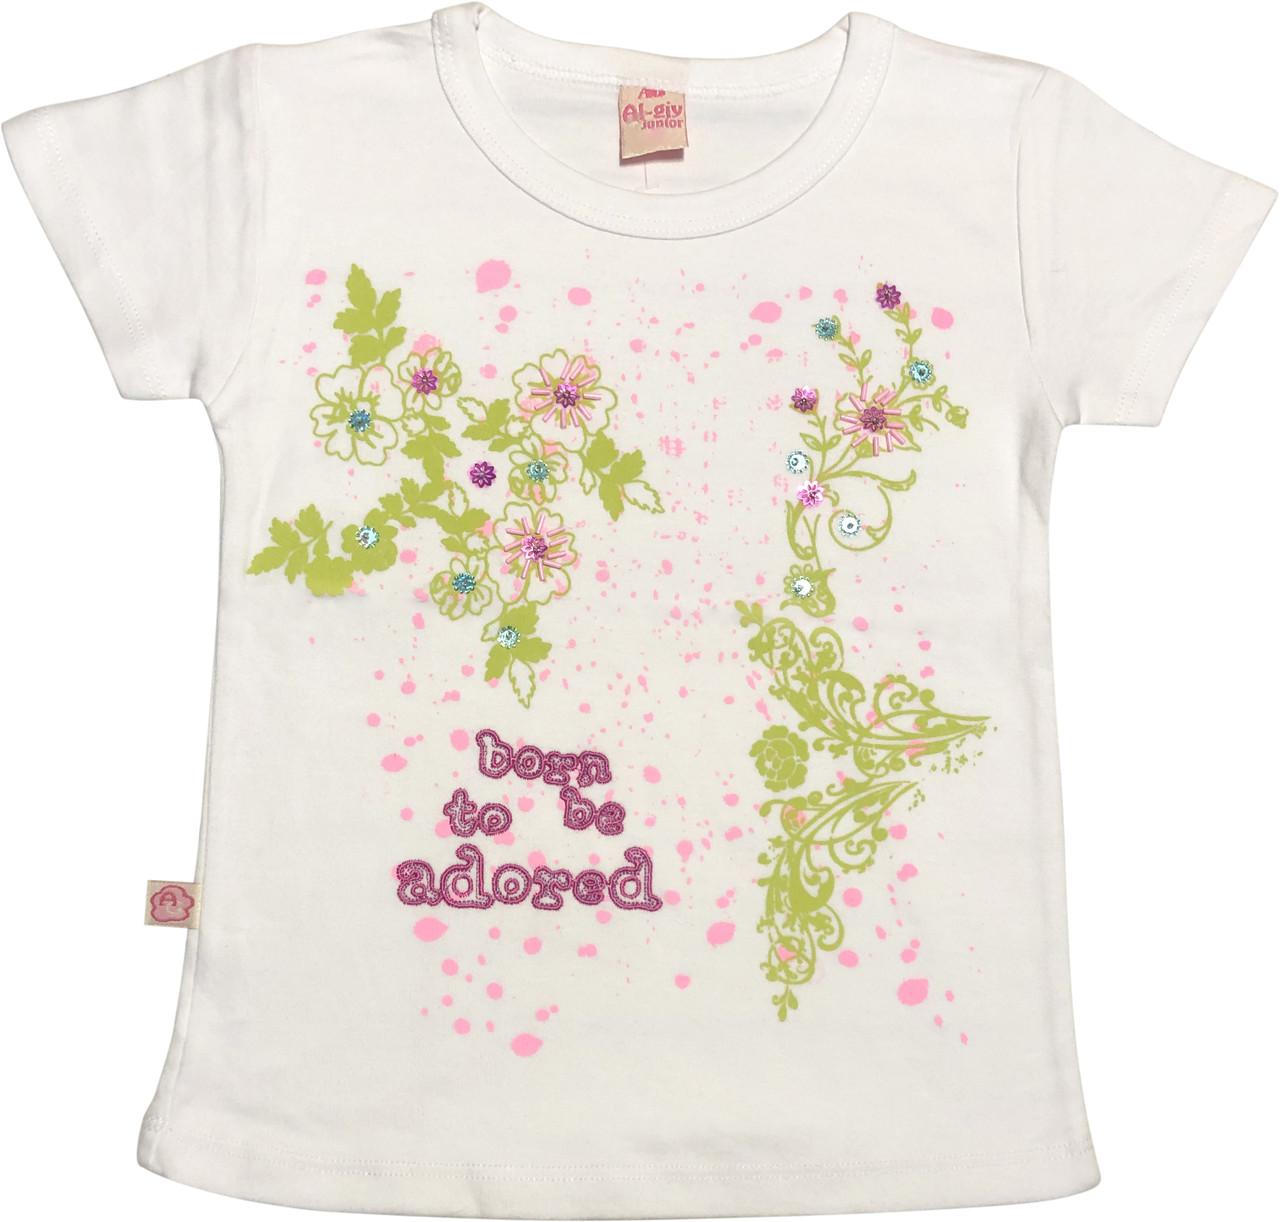 Дитяча футболка на дівчинку ріст 116 5-6 років для дітей красива стильна модна ошатна трикотажна біла